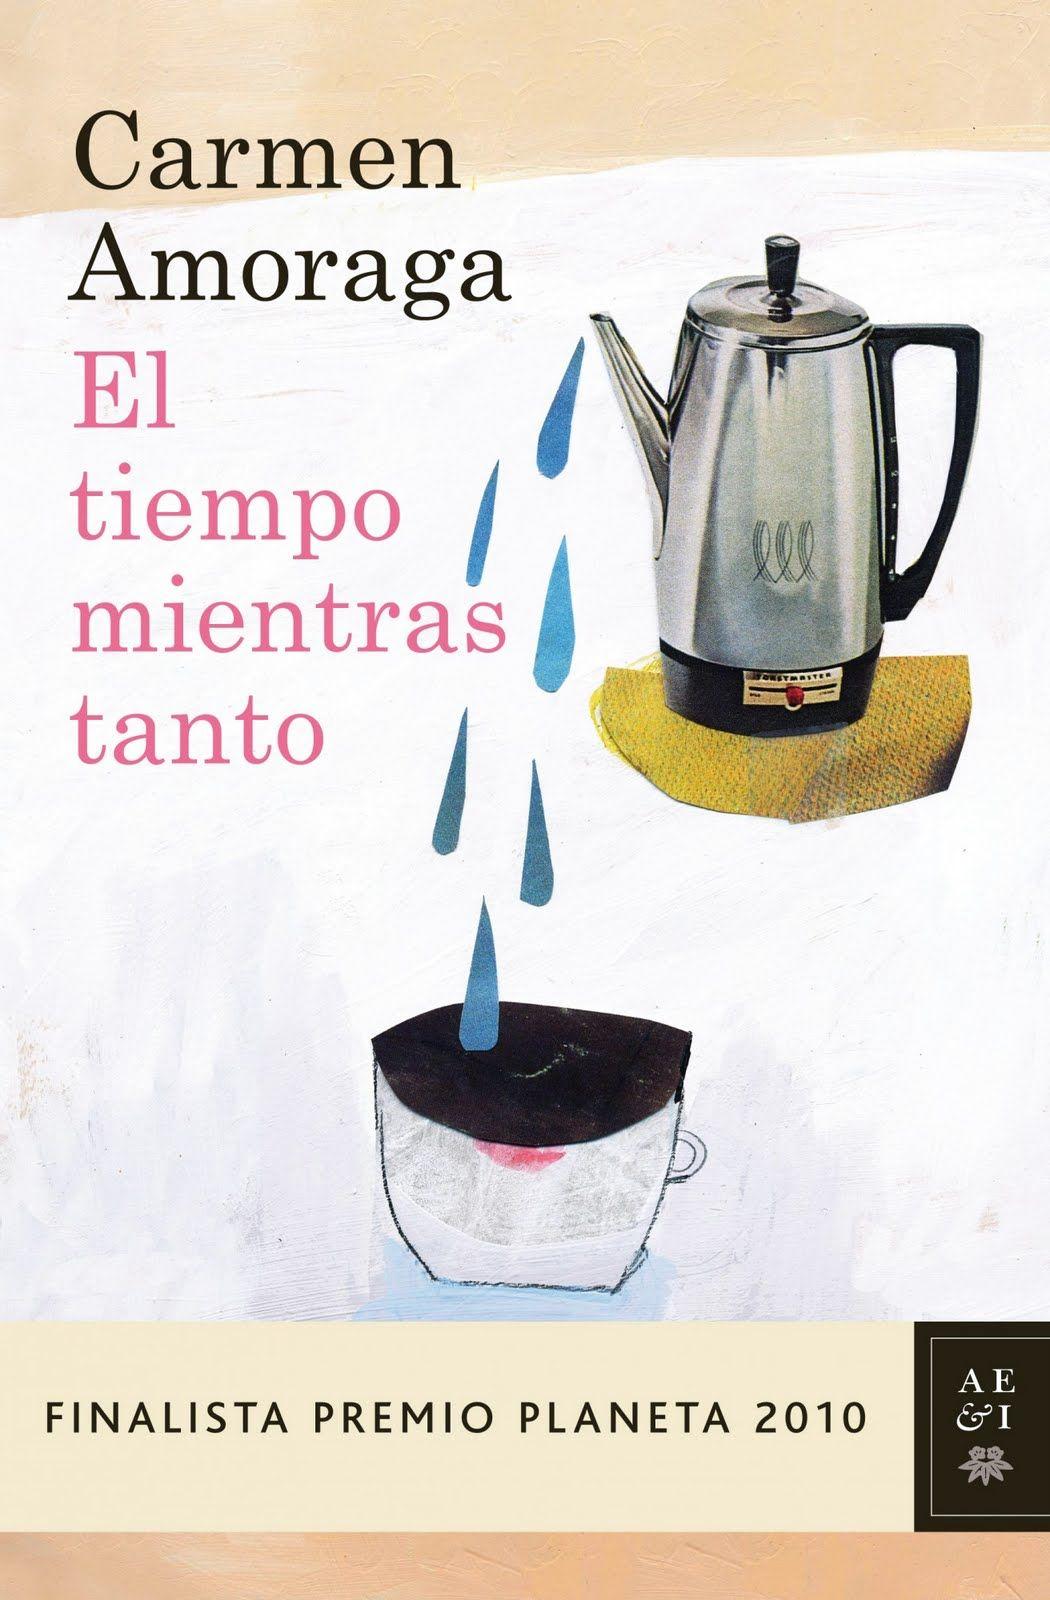 El tiempo mientras tanto (Carmen Amoraga) Finalista Premio